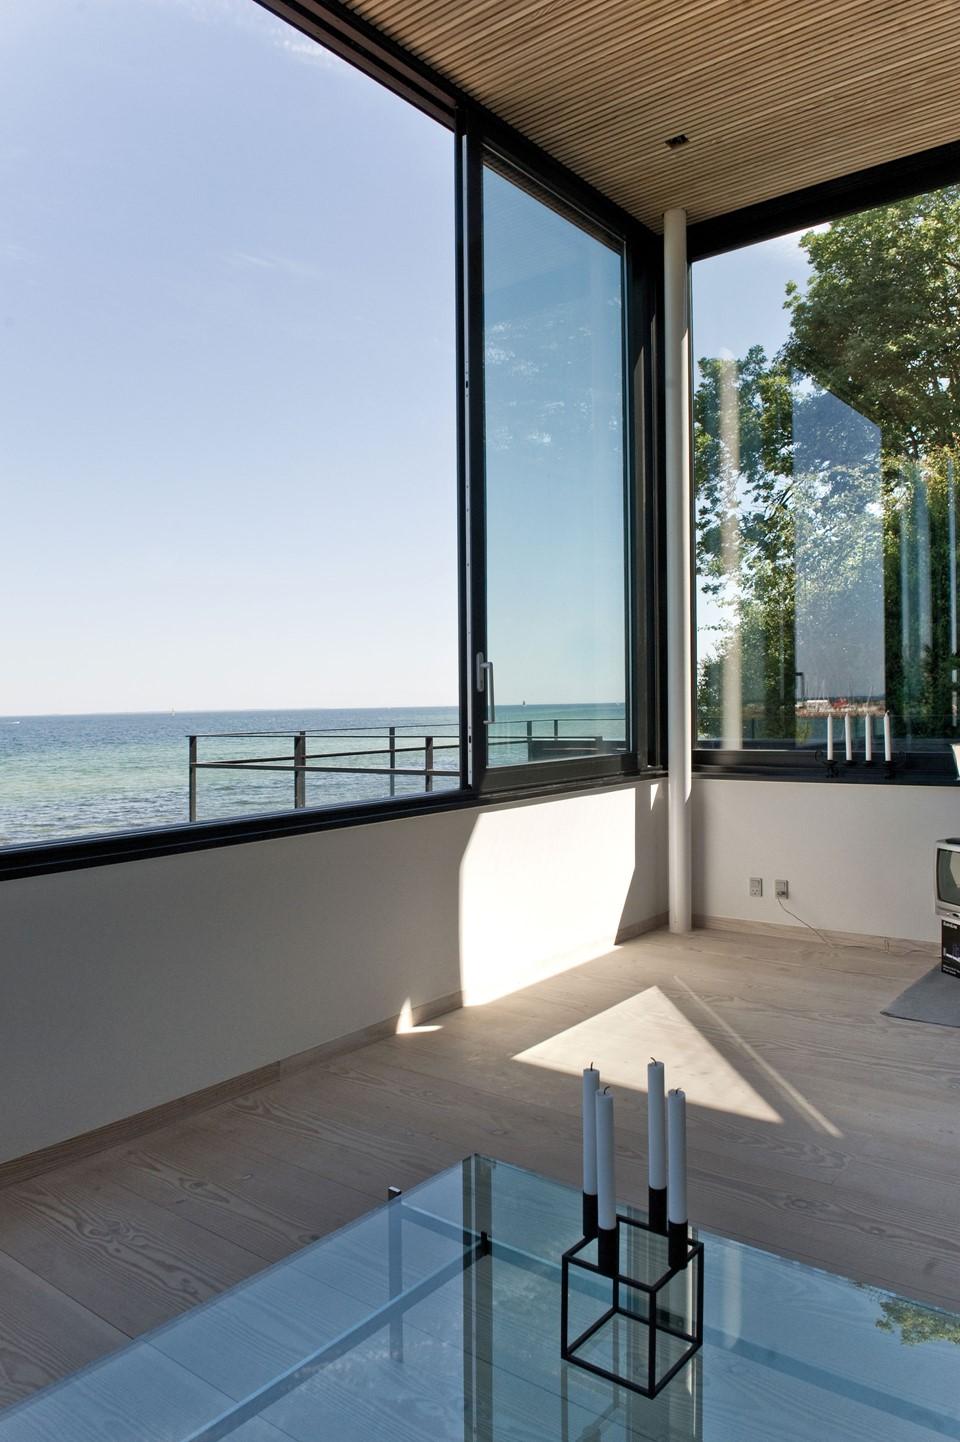 solid-douglas-flooring_lye-white-soap_casa-spodsbjerg_ocean-view_dinesen.jpg